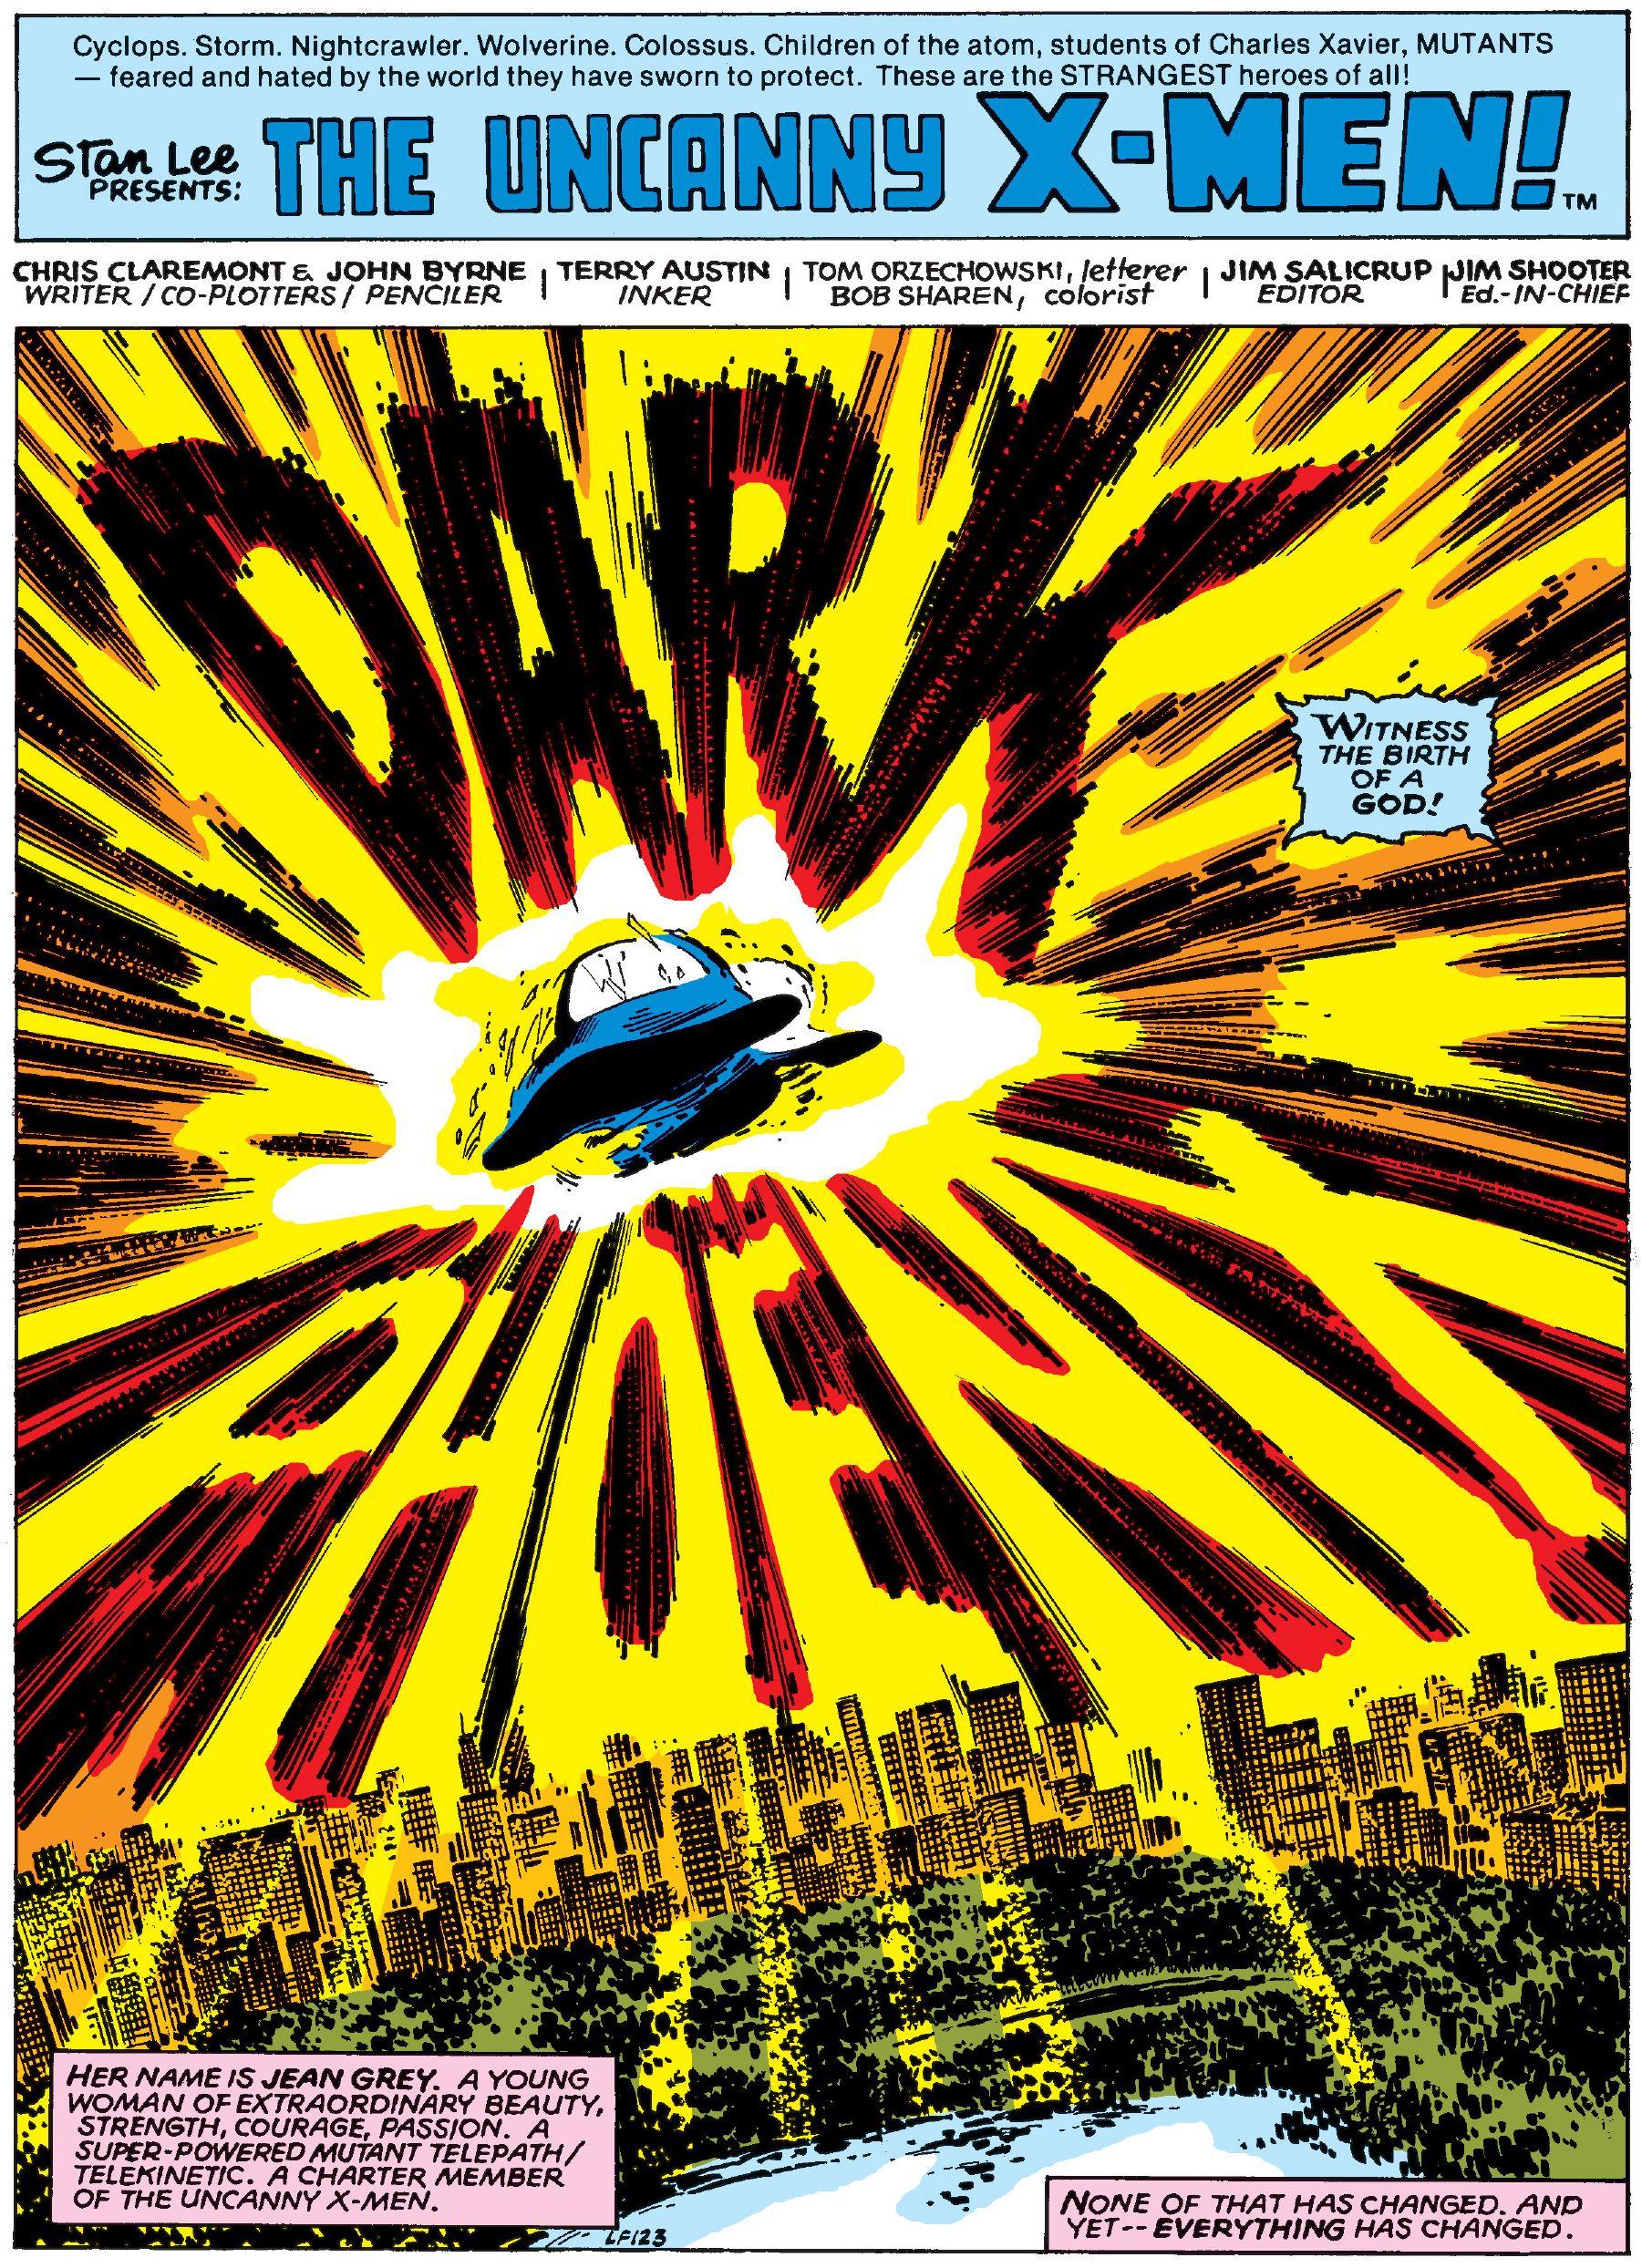 Uncanny X-Men  #135 (Marvel, August 1980), page 1